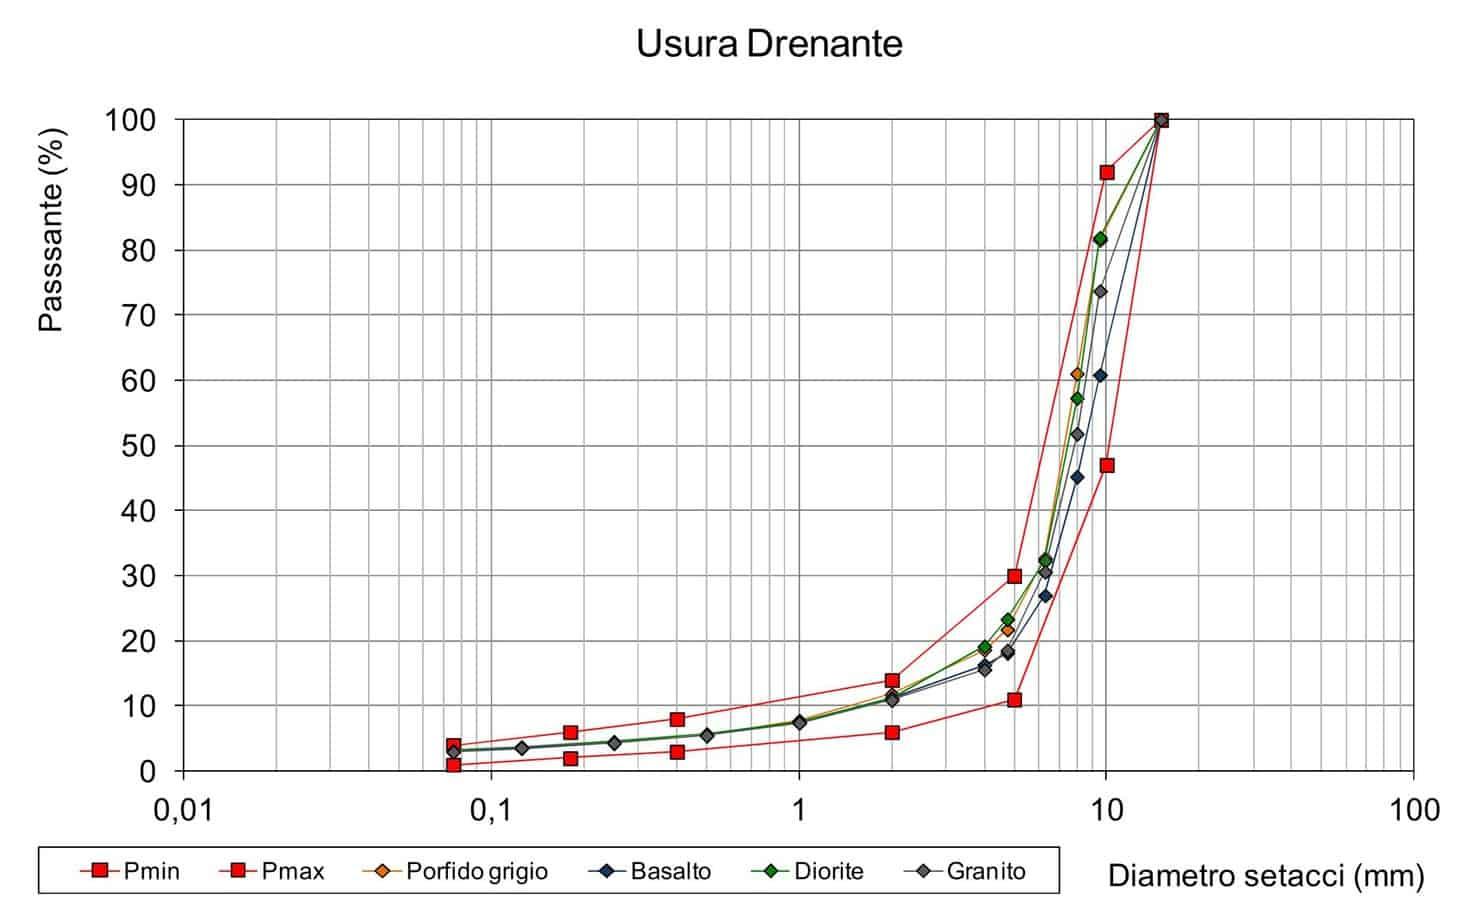 Le curve granulometriche per la formazione di tappeti di usura drenanti